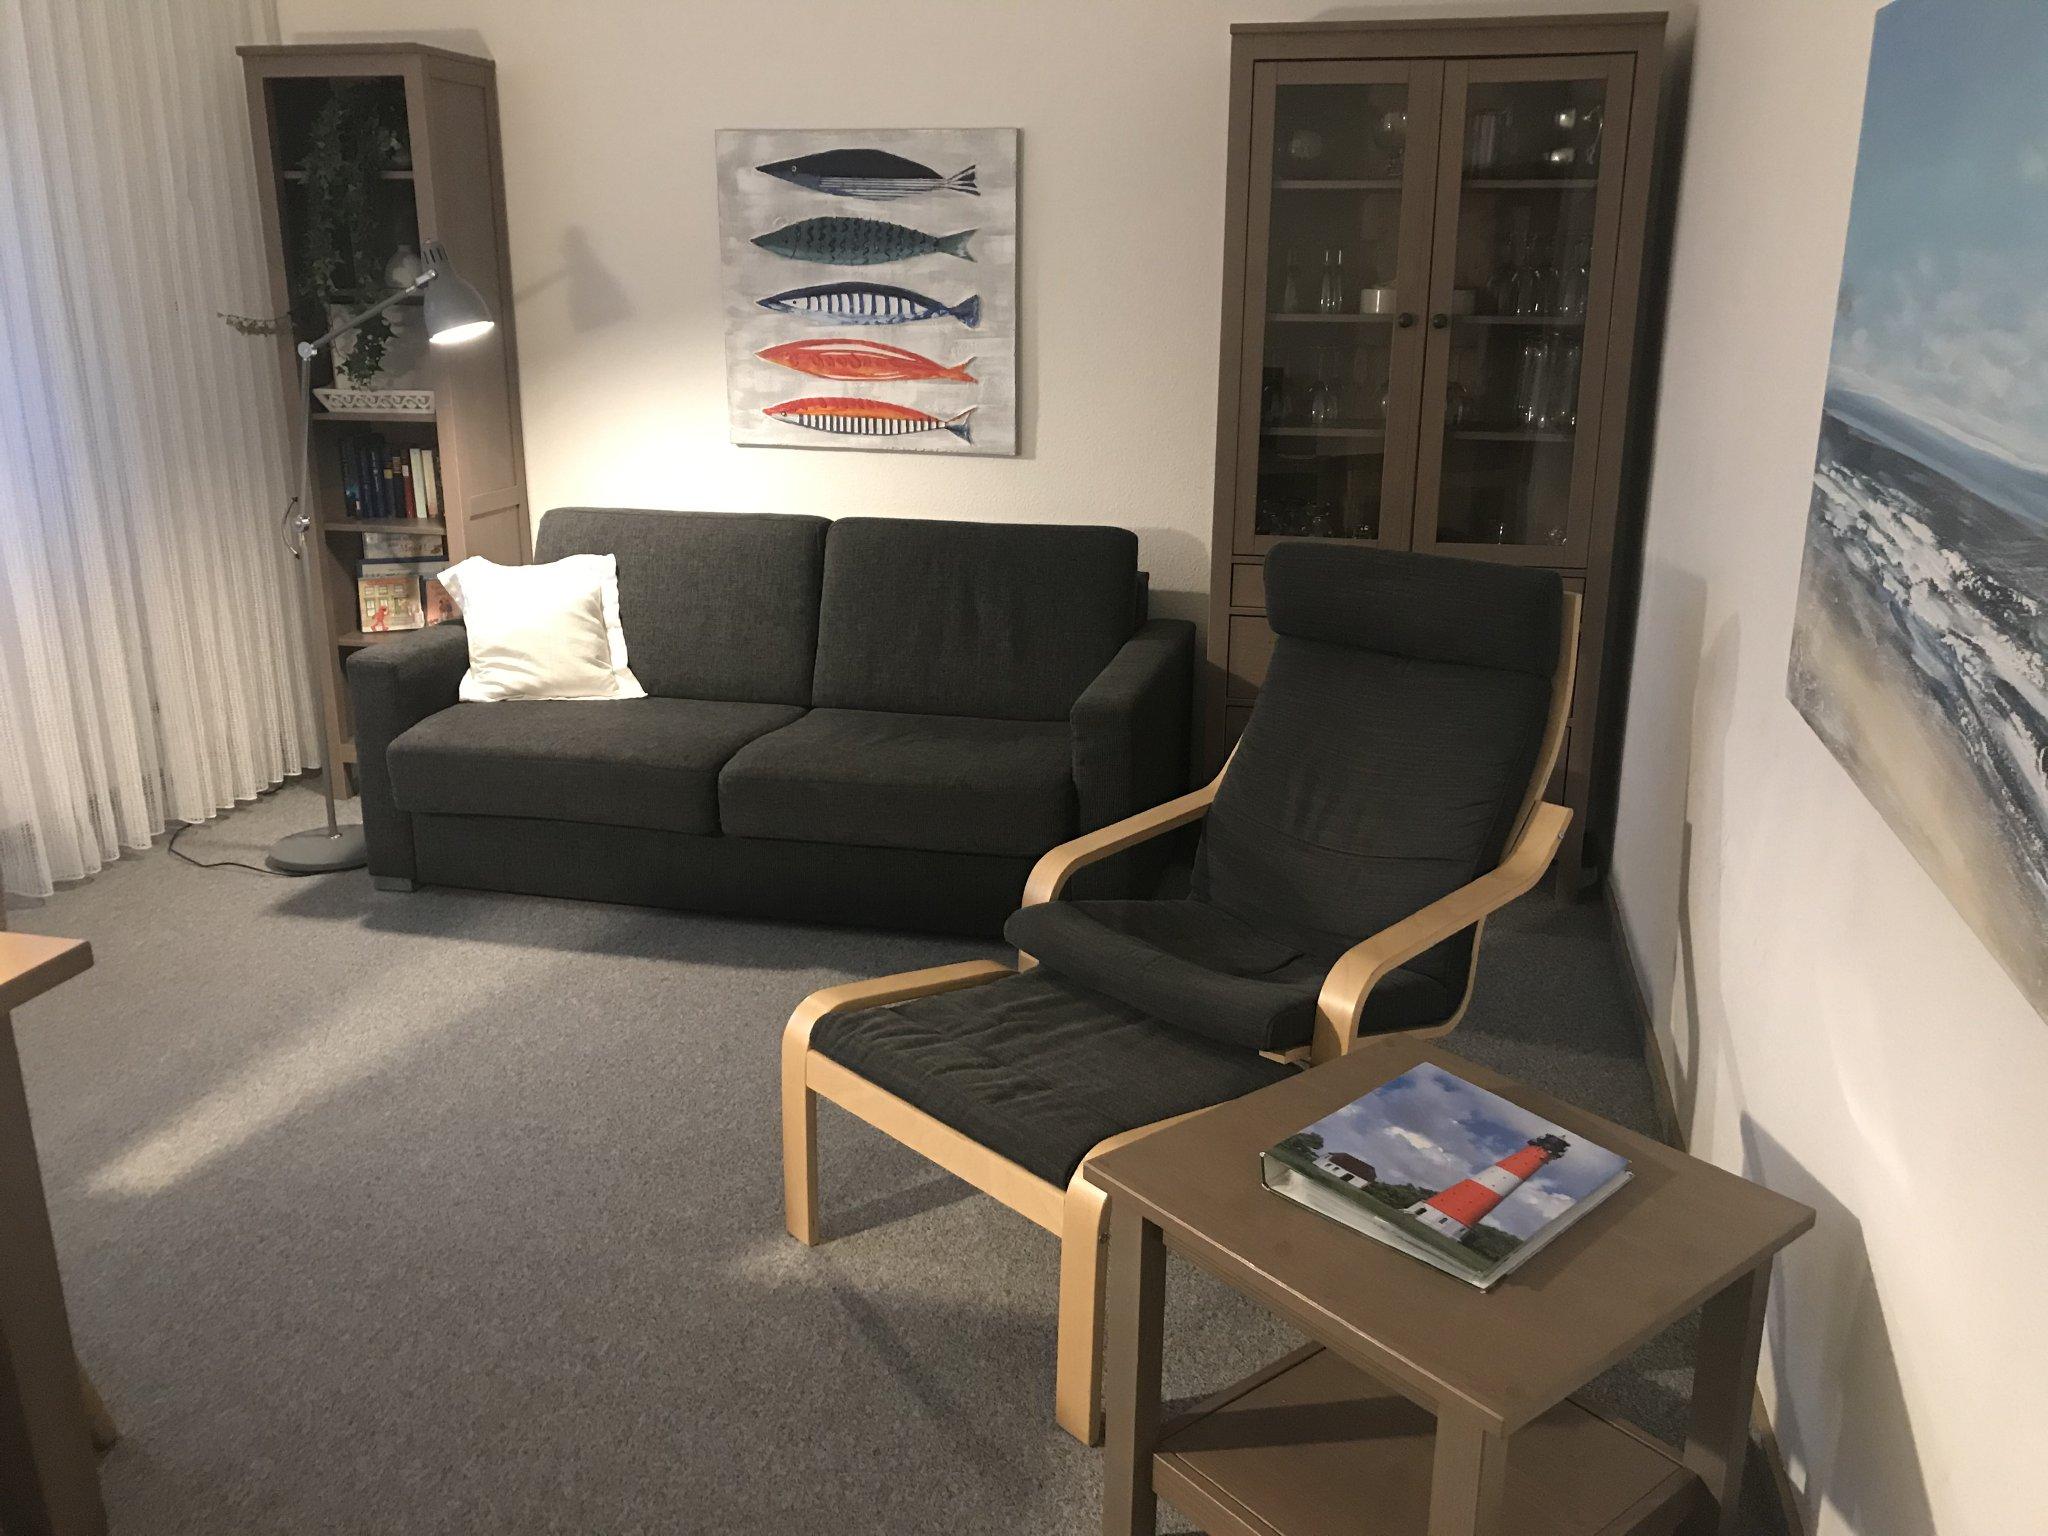 Wohnzimmer mit komfortablem Schlafsofa